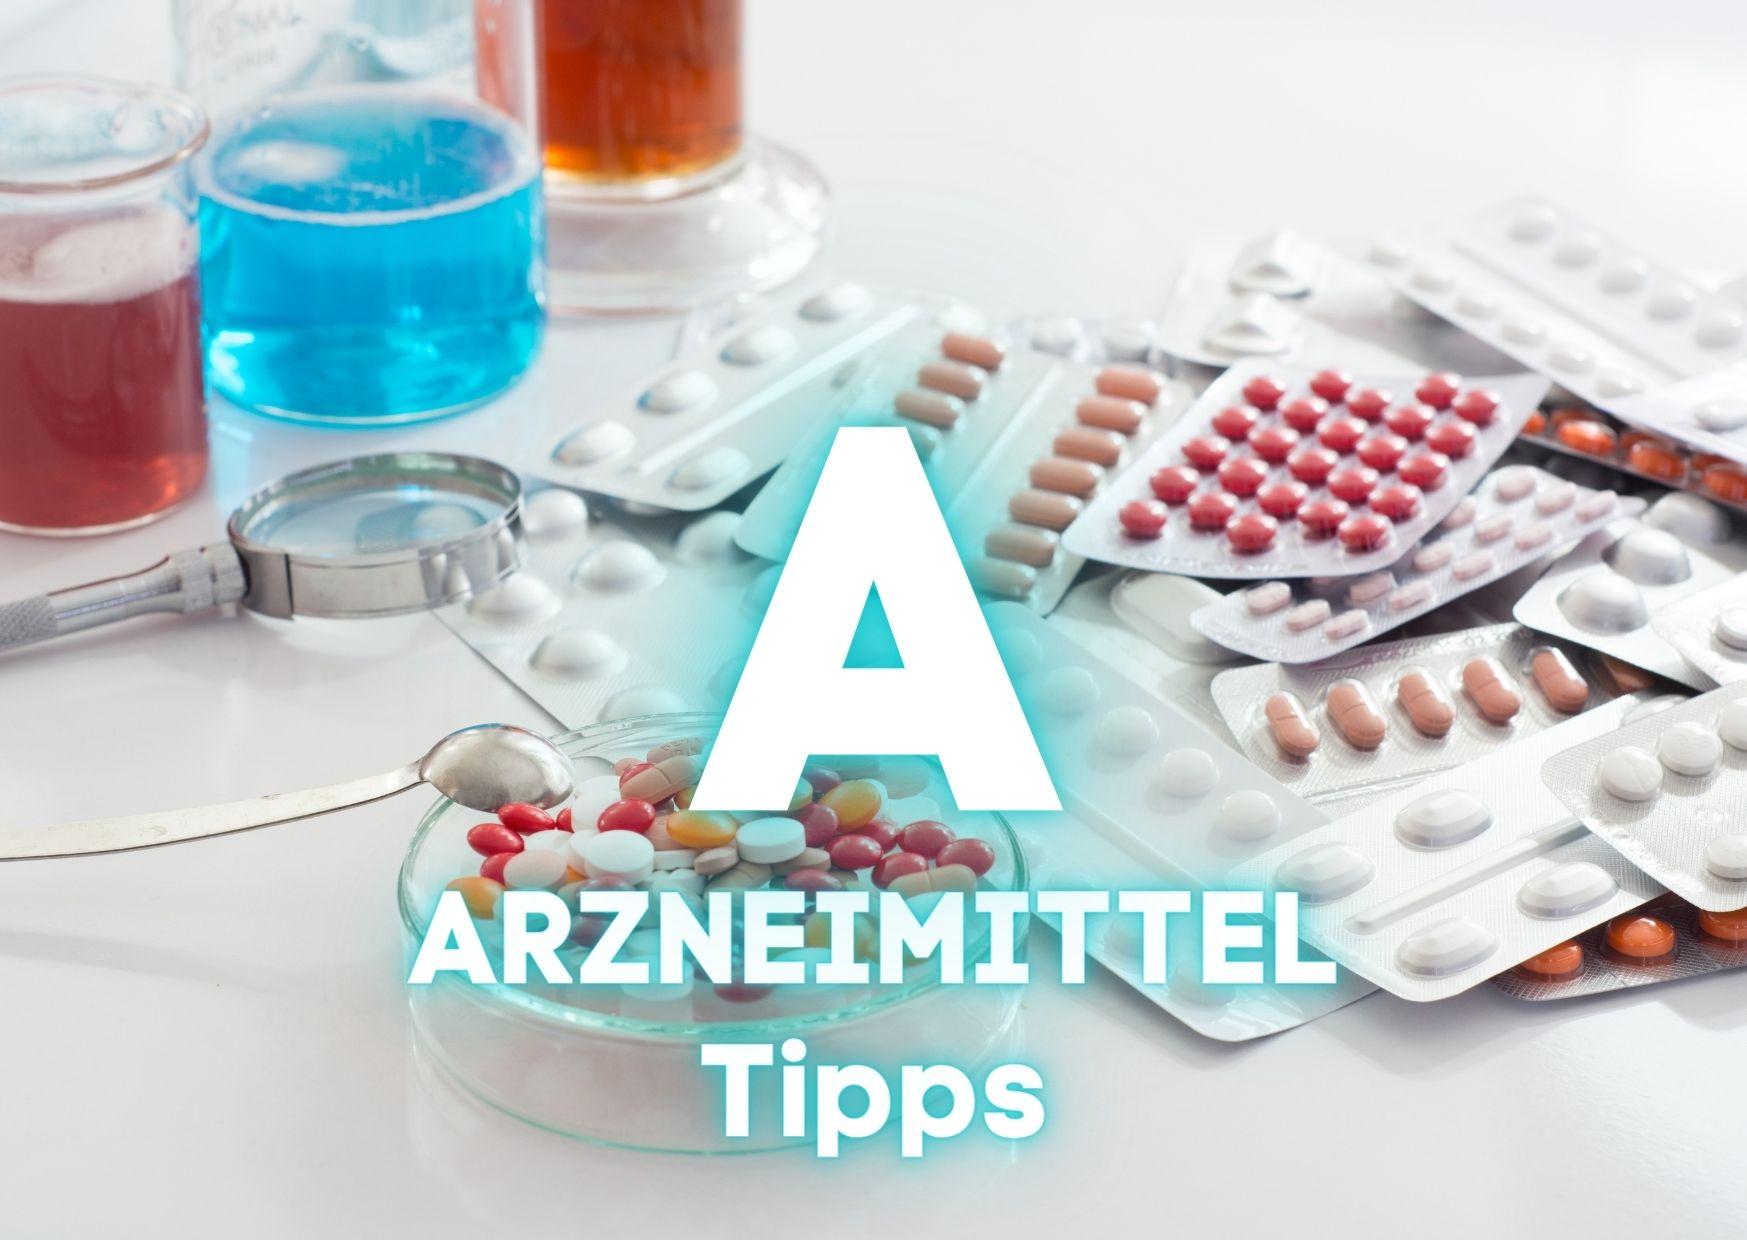 A – Arzneimittel